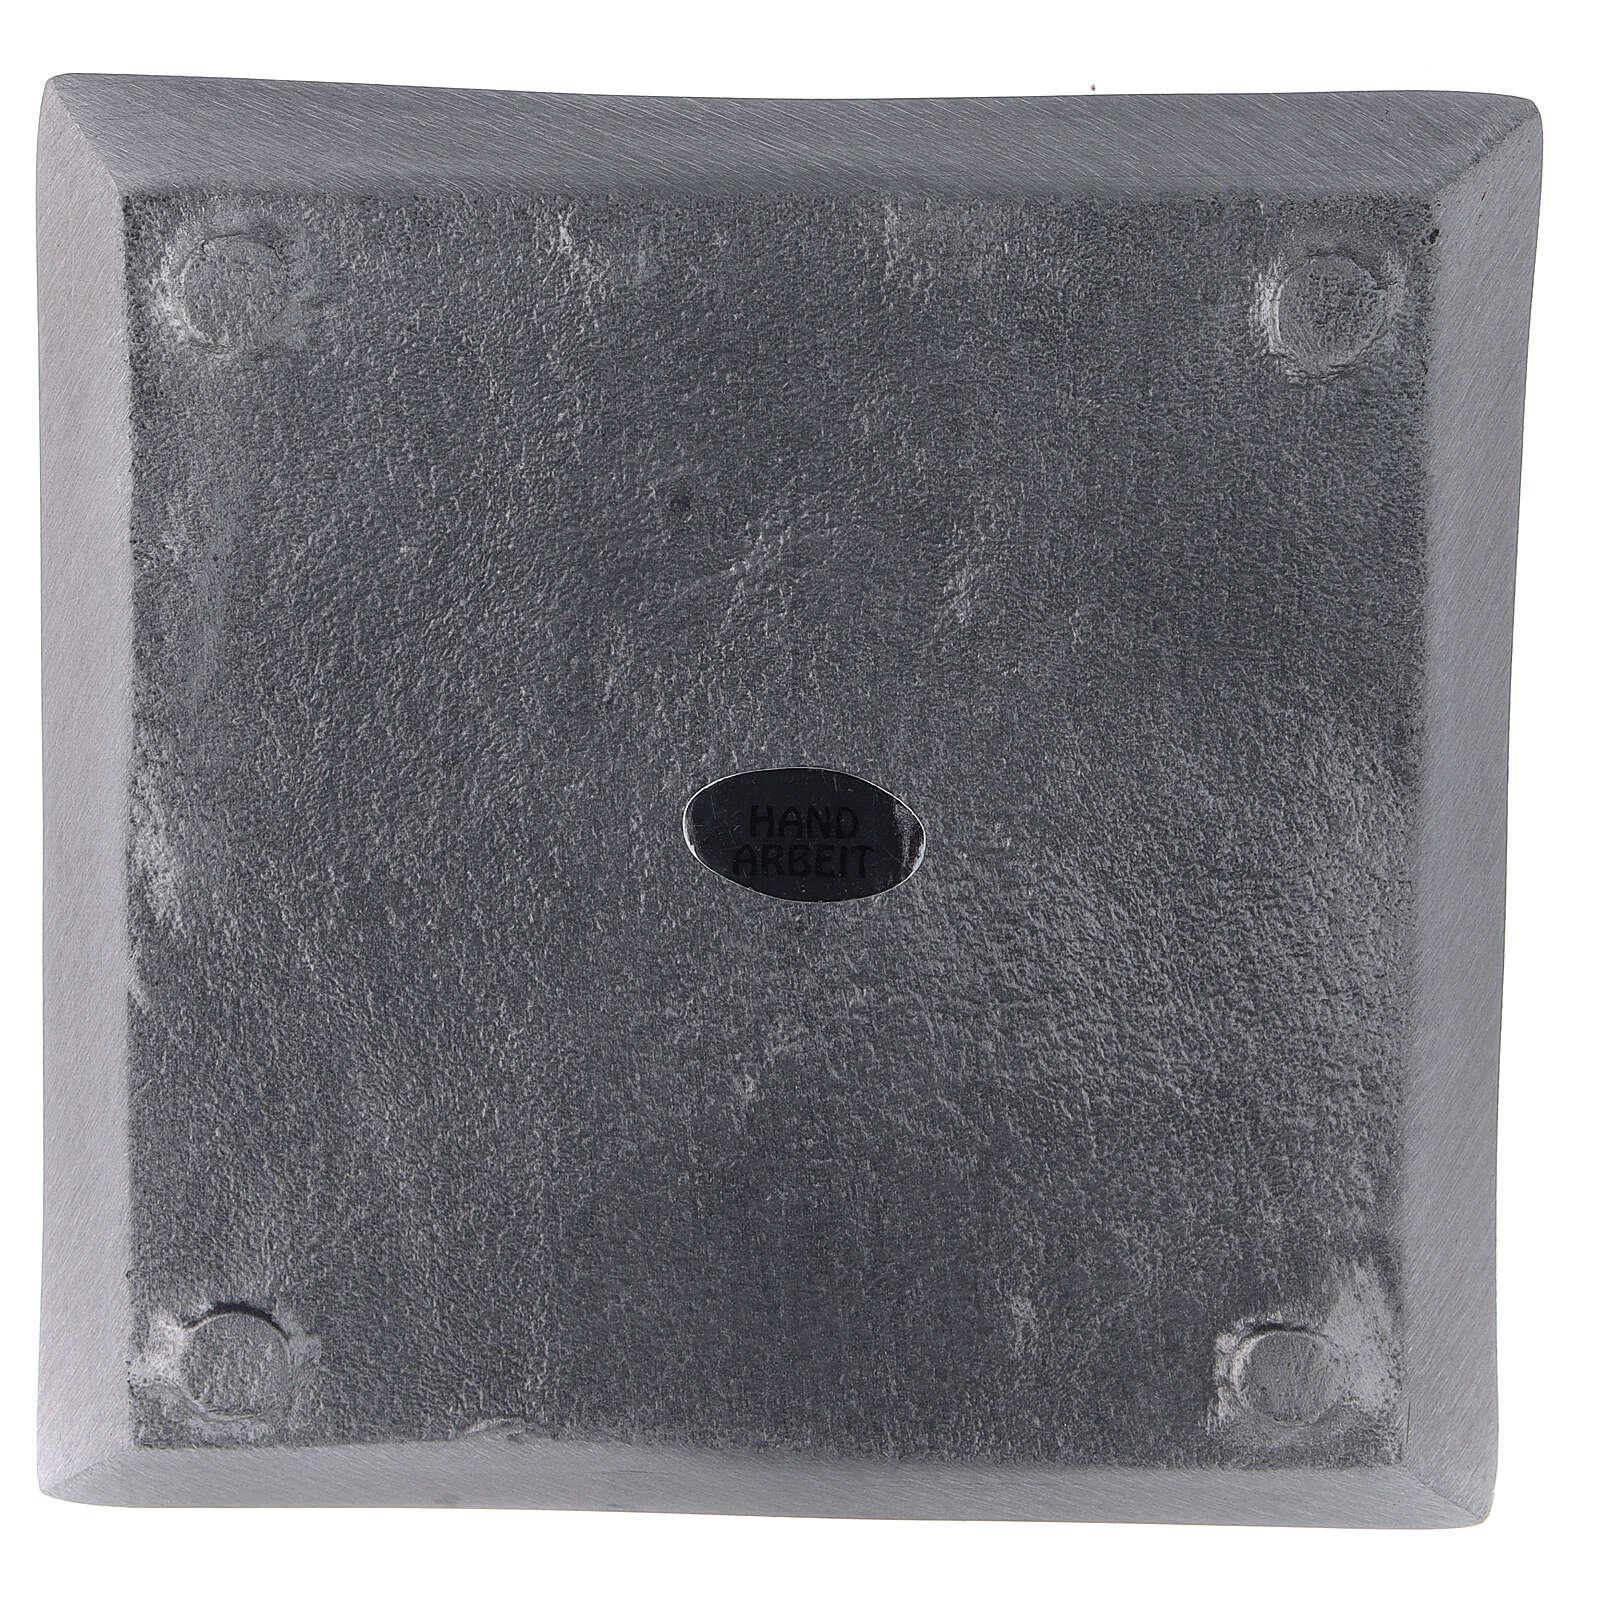 Piatto portacandela quadrato alluminio satinato 11x11 cm 3